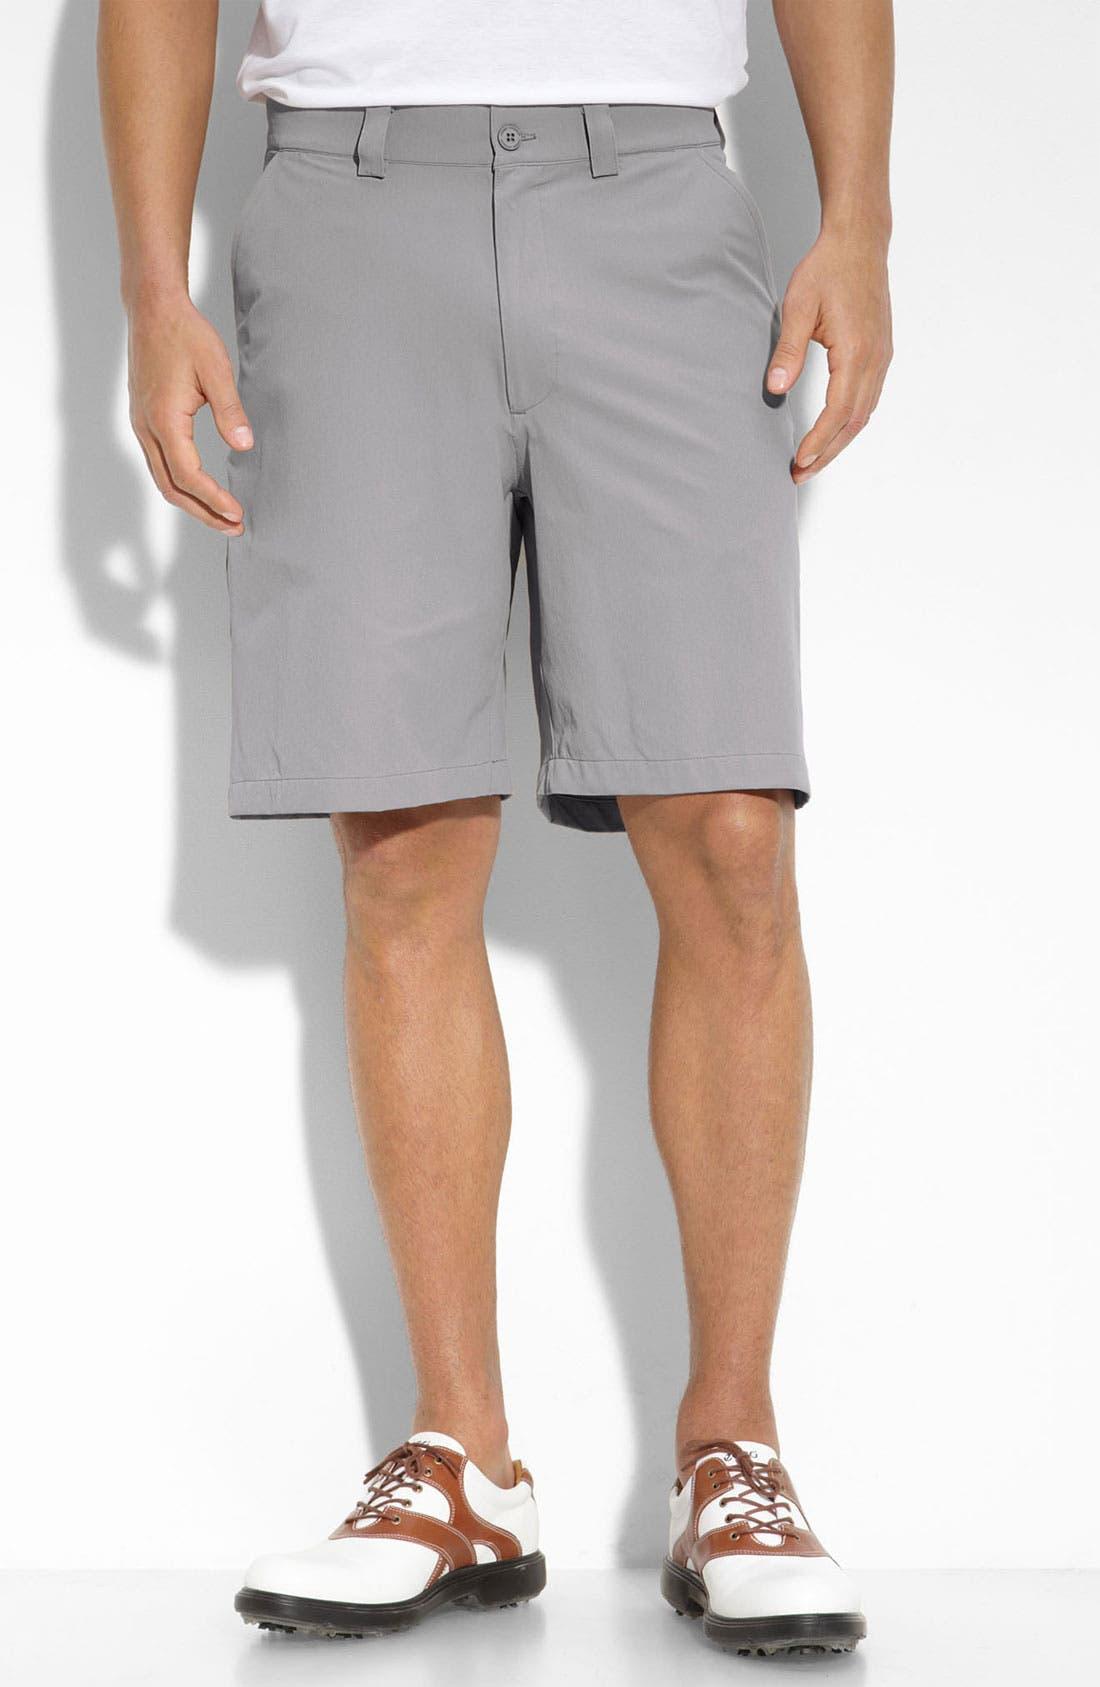 Alternate Image 1 Selected - Under Armour 'Bent Grass' HeatGear® Golf Shorts